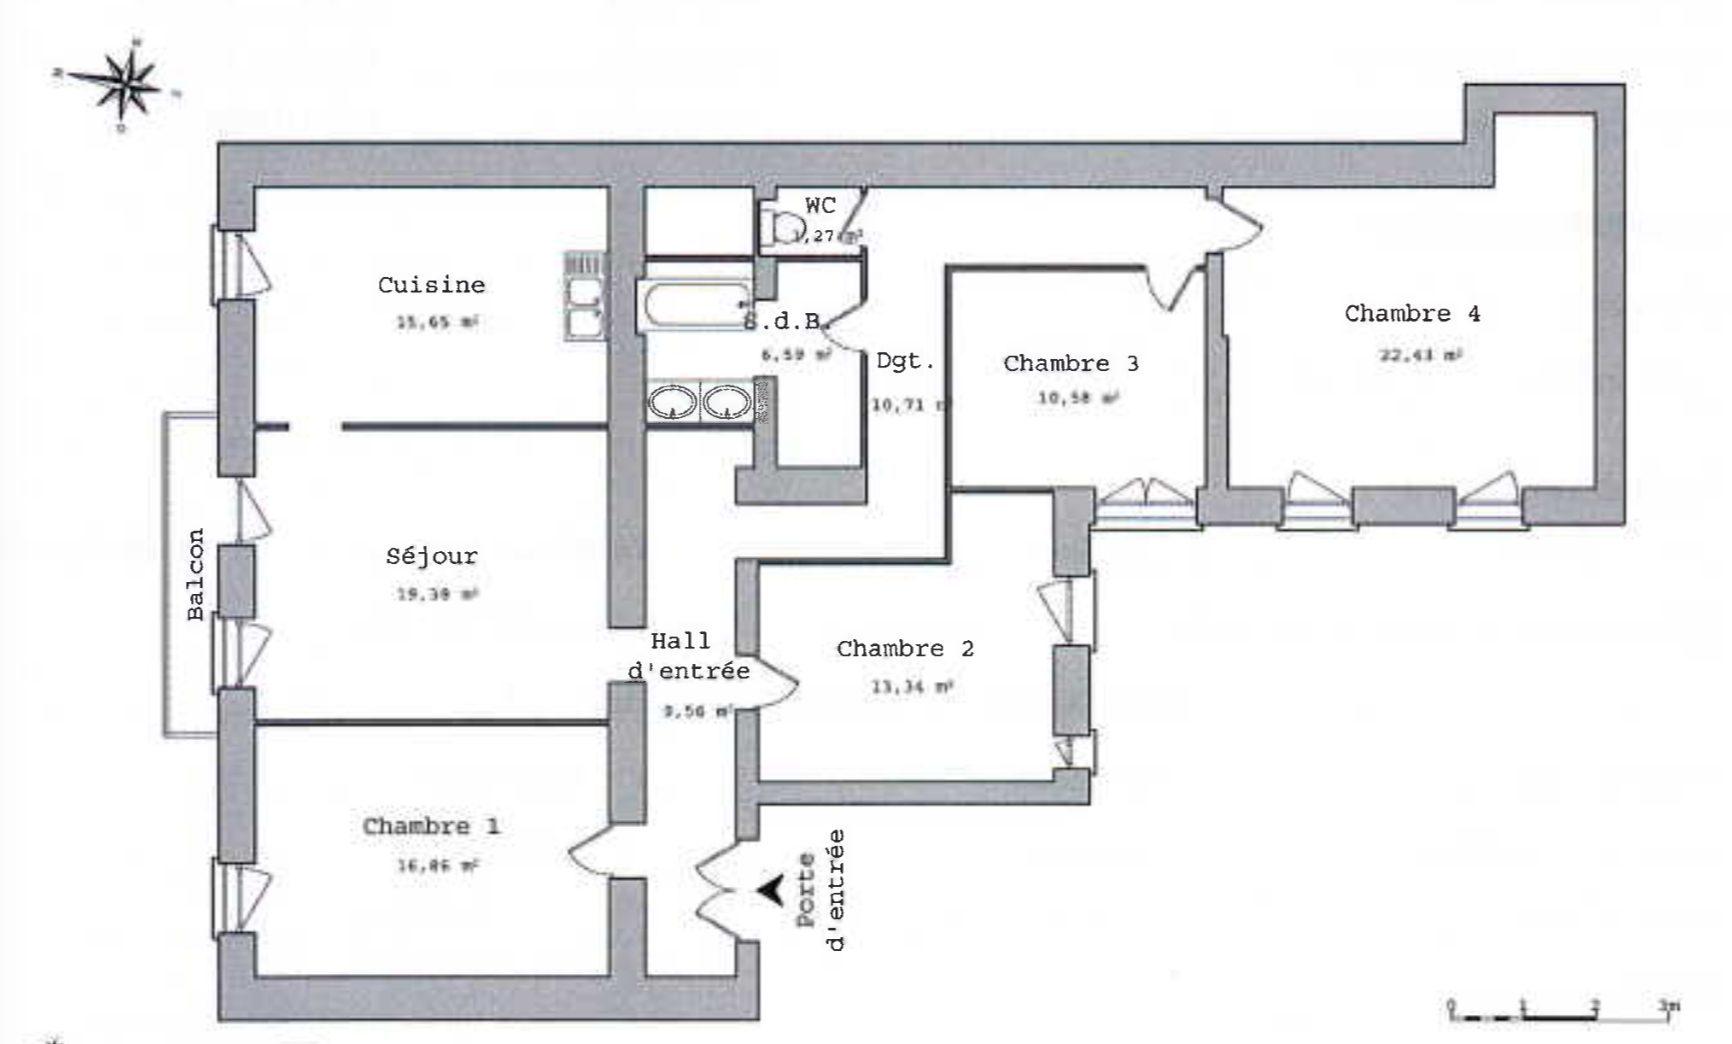 5 pièces à fort potentiel - Devenez propriétaire en toute confiance - Bintz Immobilier - 9